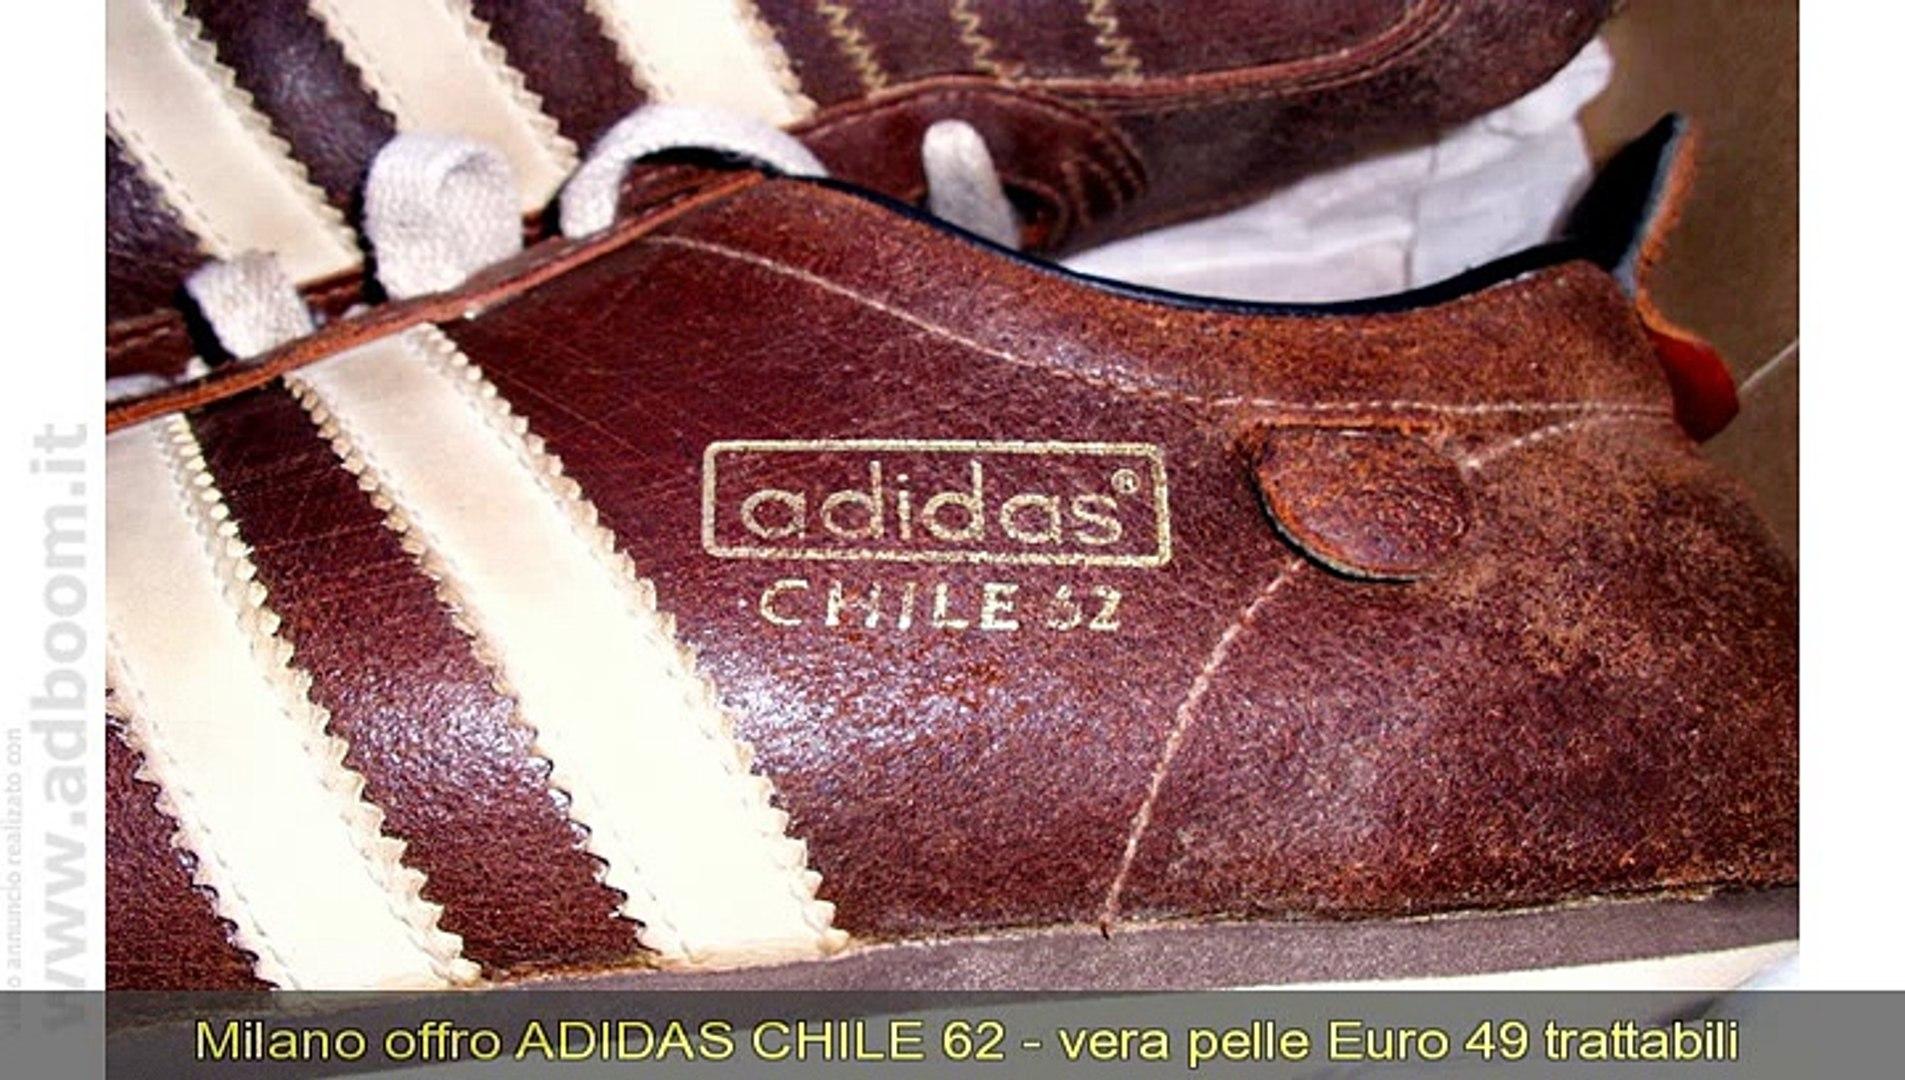 adidas chile 62 italia